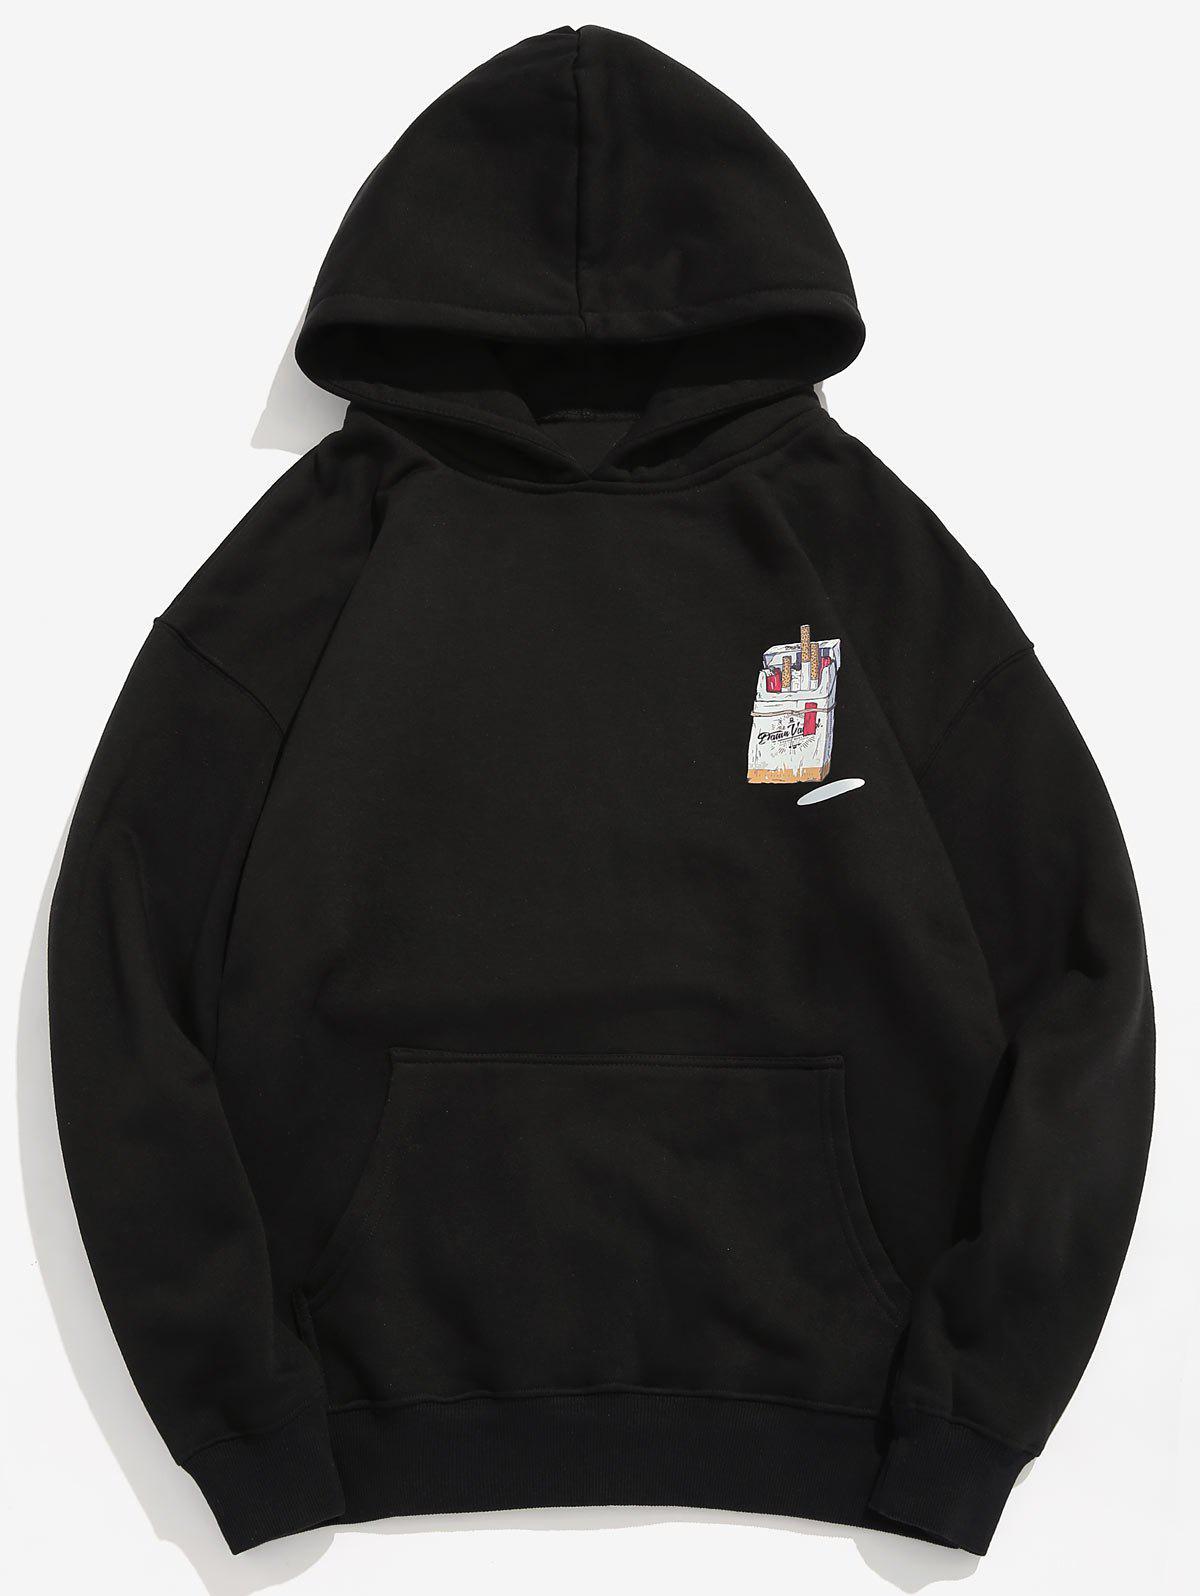 Cigarette Printed Hip Hop Style Hoodie 281919520